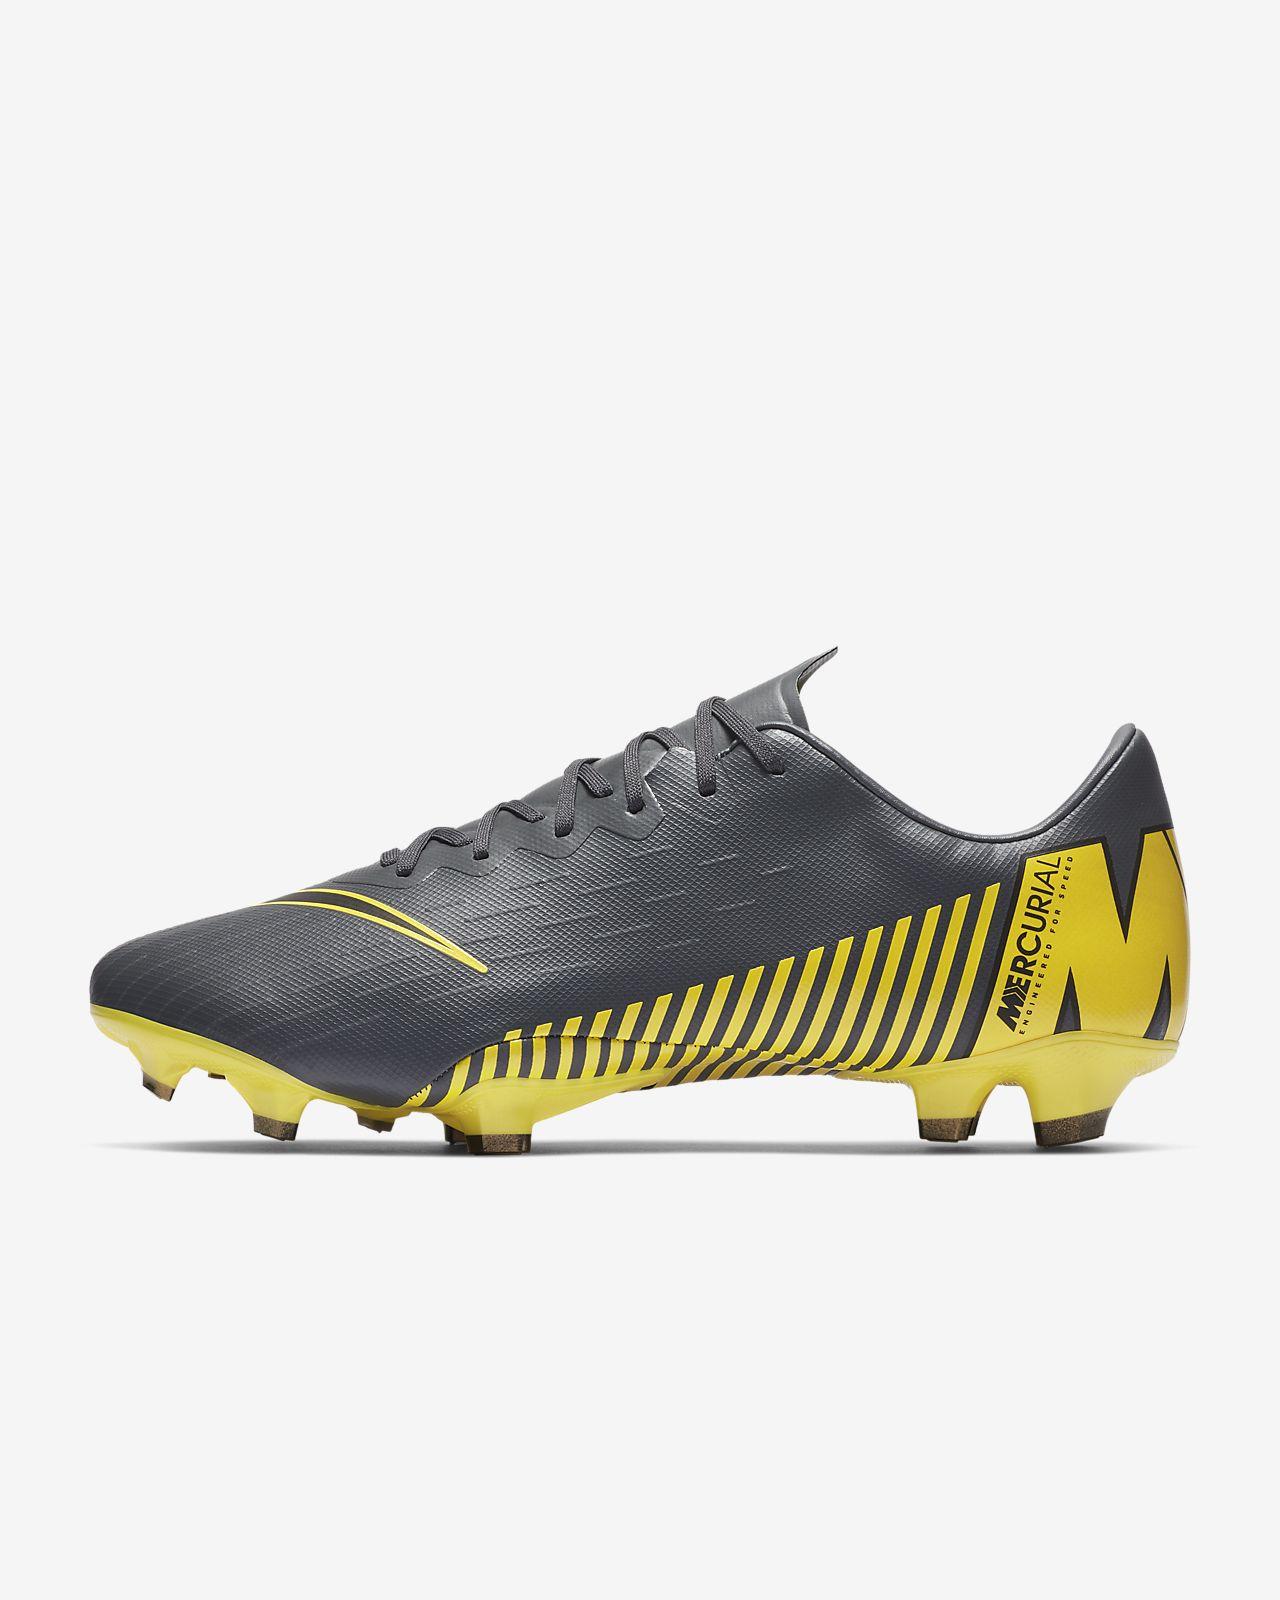 272f7ce45 Calzado de fútbol para terreno firme Nike Vapor 12 Pro FG Game Over ...